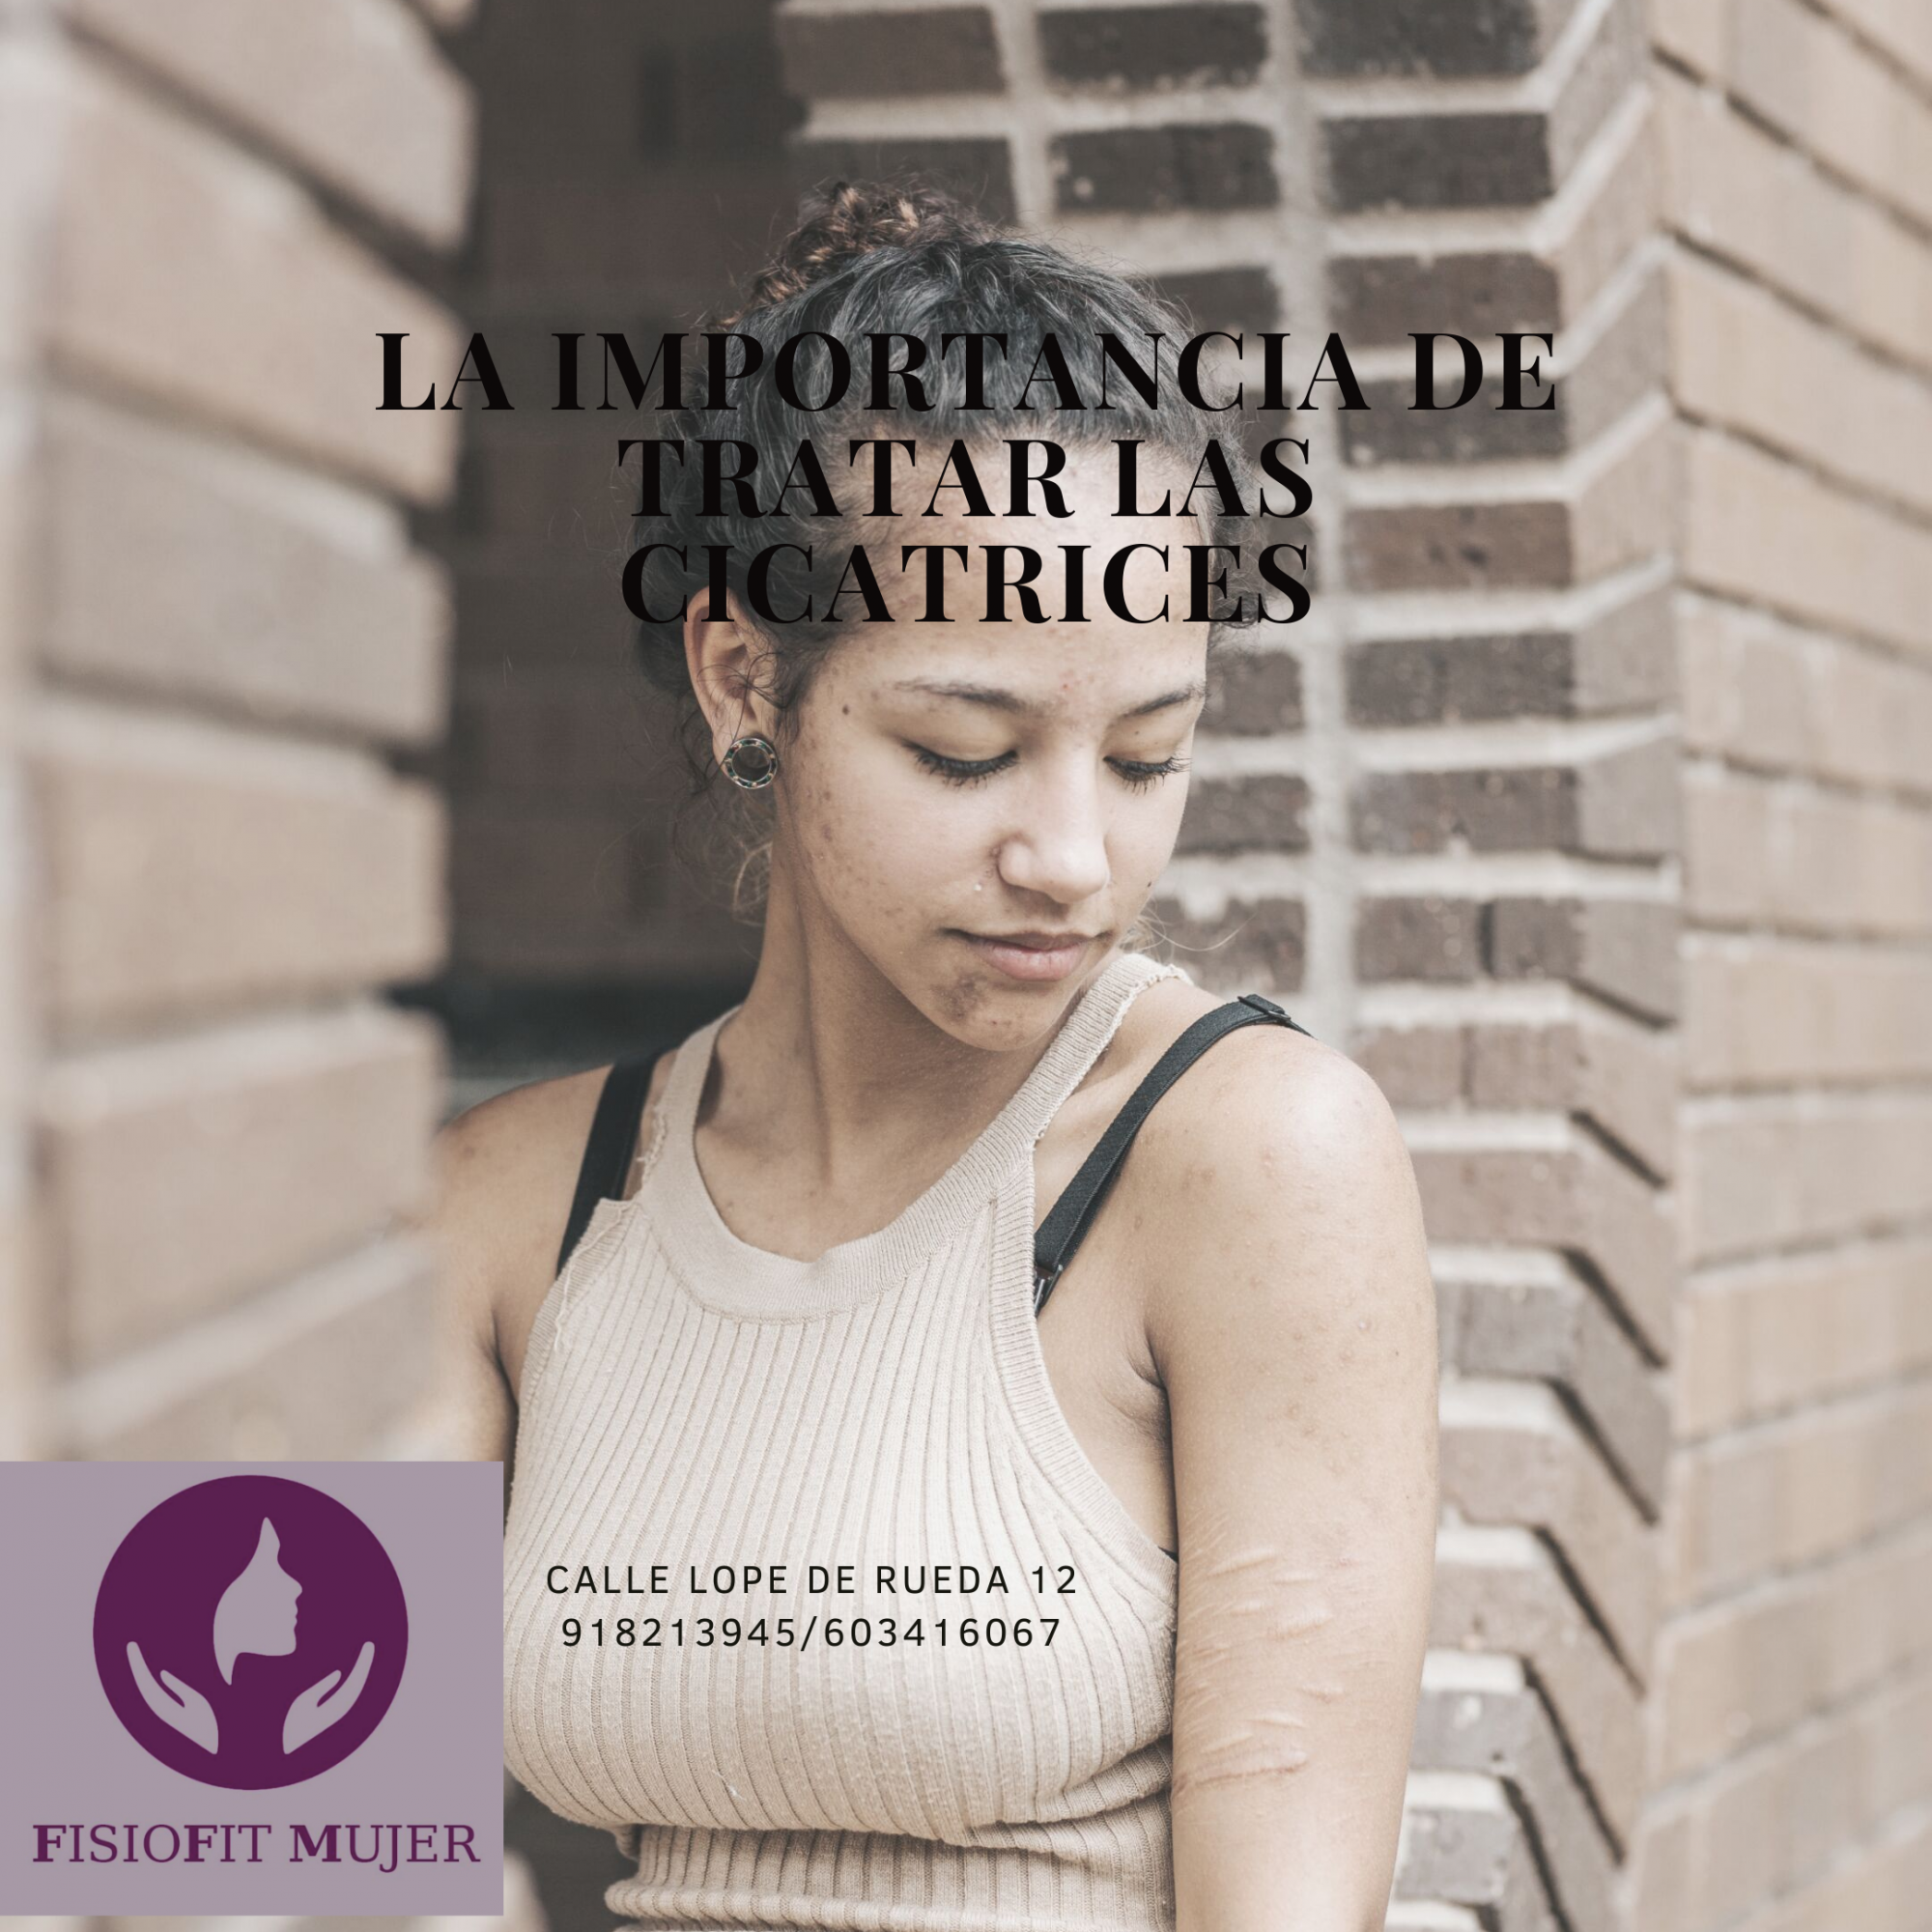 LA IMPORTANCIA DE TRATAR LAS  CICATRICES